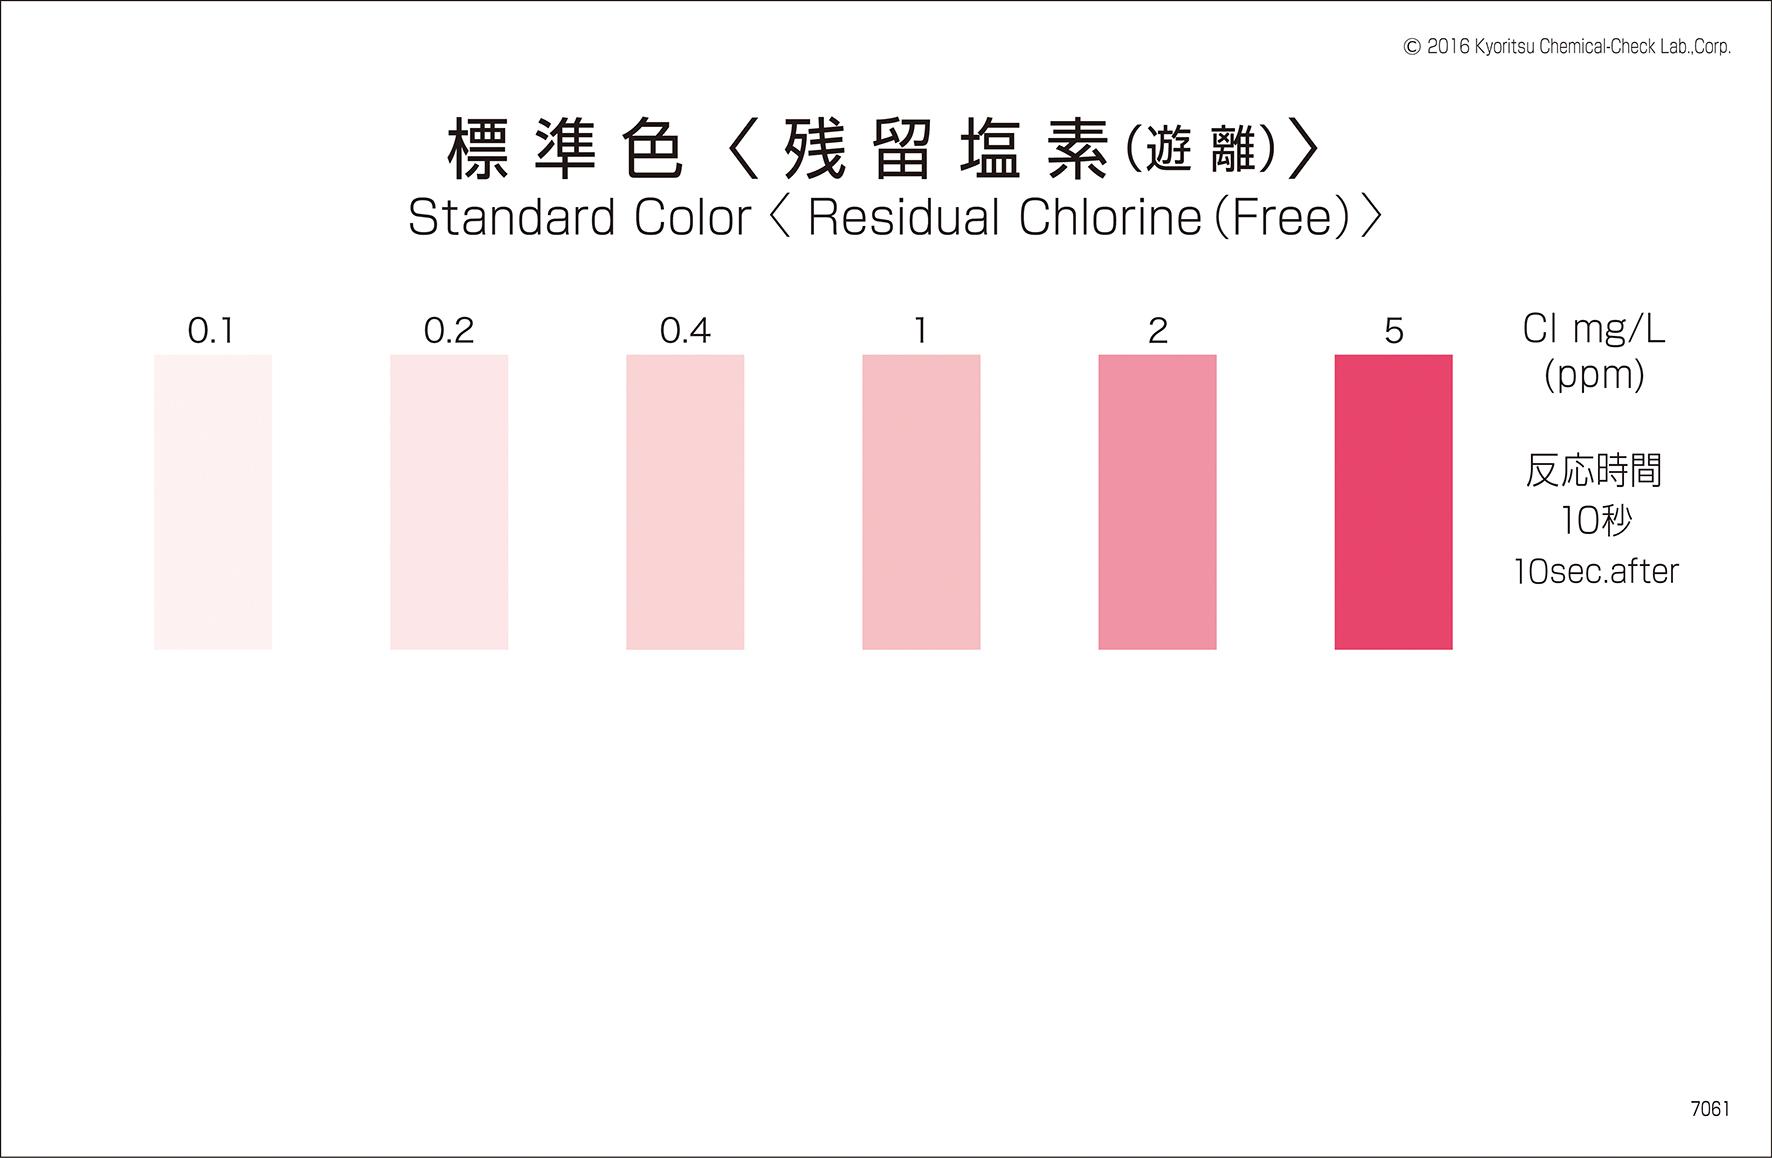 パックテスト 標準色 金 WAK-Au-S 共立理化学研究所【Airis1.co.jp】